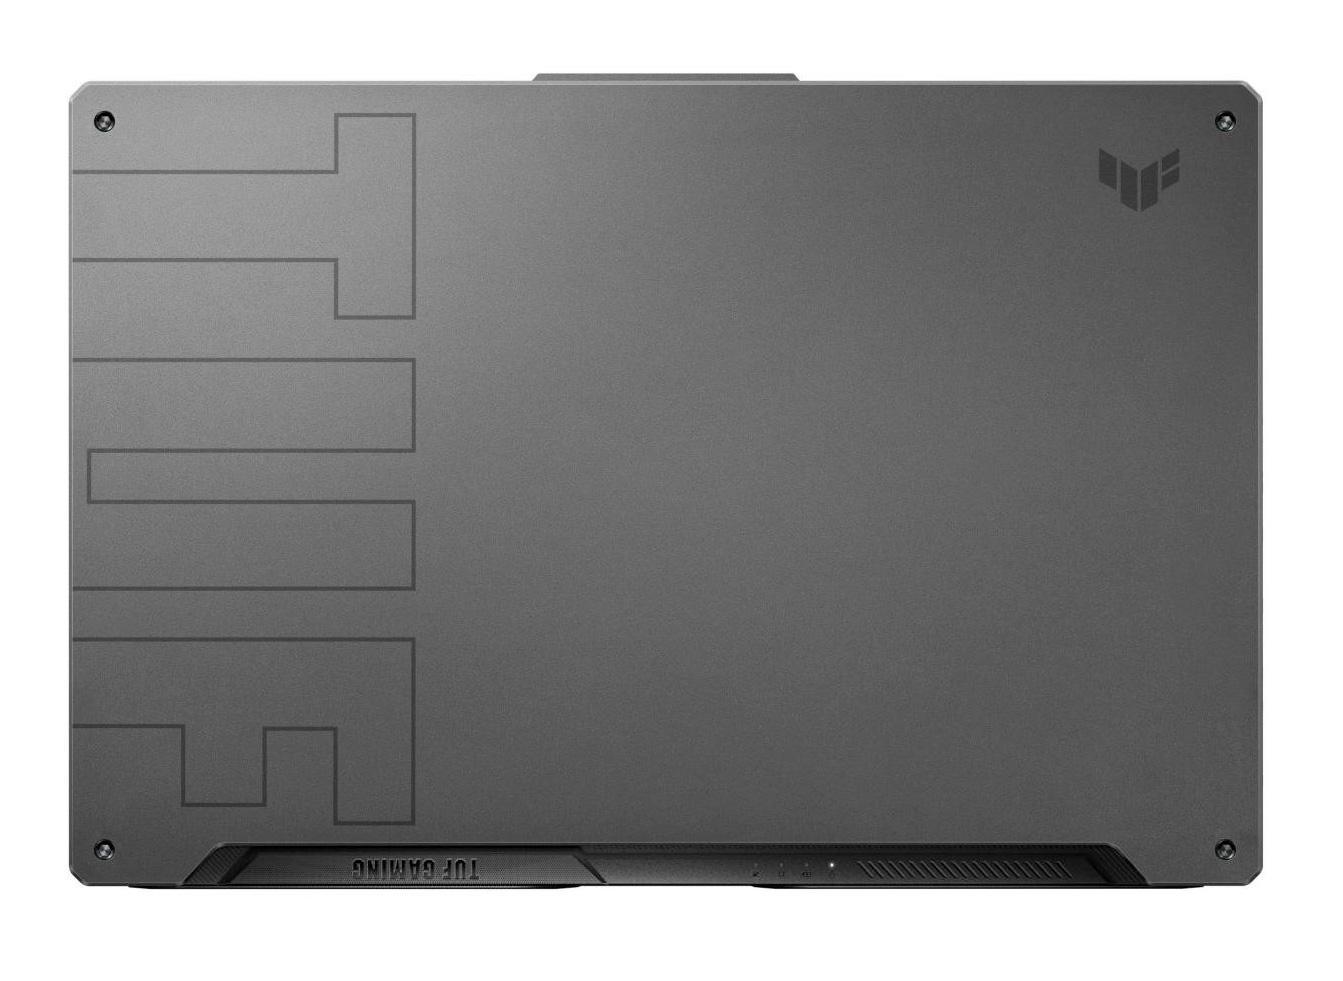 Ordinateur portable Asus A17 TUF766HC-HX001T Noir - RTX 3050, 144Hz - photo 7